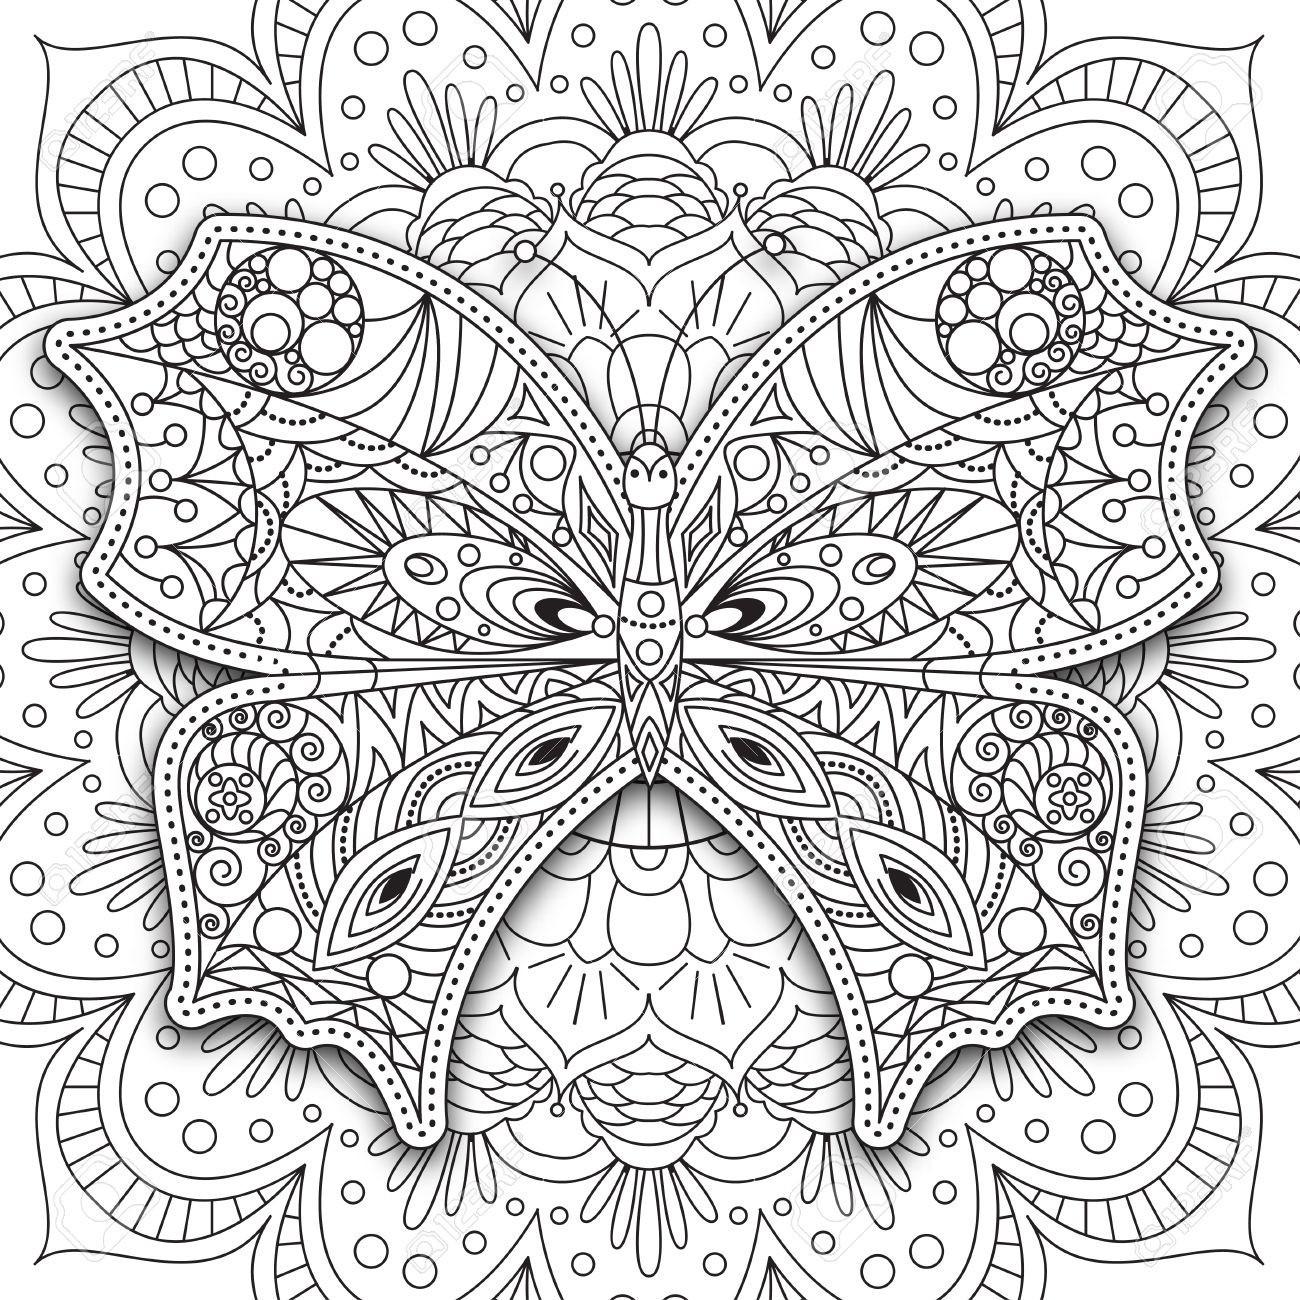 Ausmalbilder Schmetterling Mit Blume Neu Ausmalbilder Mandala Schmetterling Schön Schmetterling Hand Neu Stock